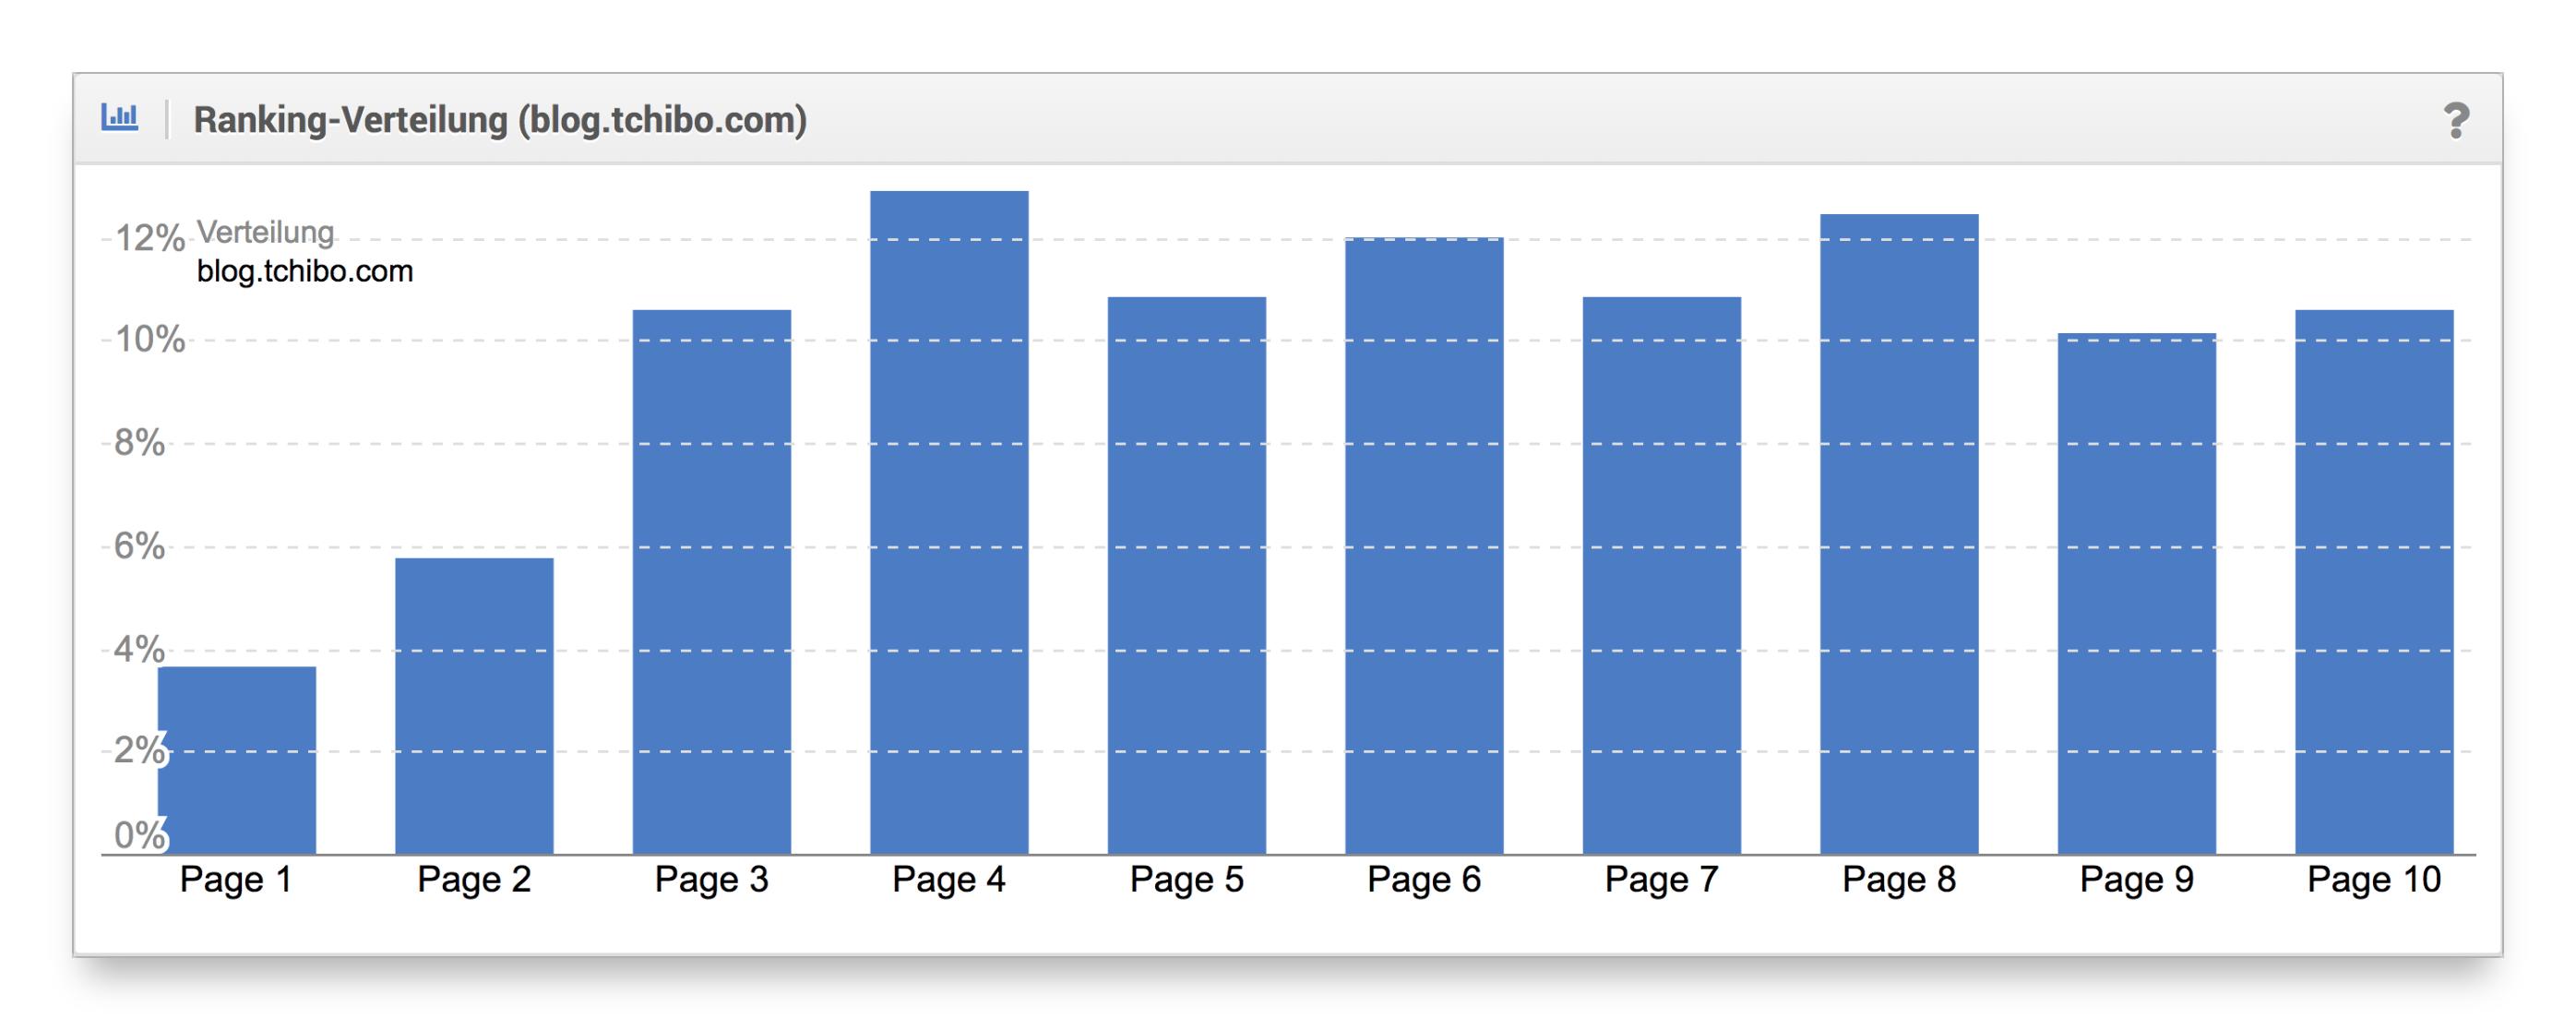 Ranking-Verteilung Blog Tchibo